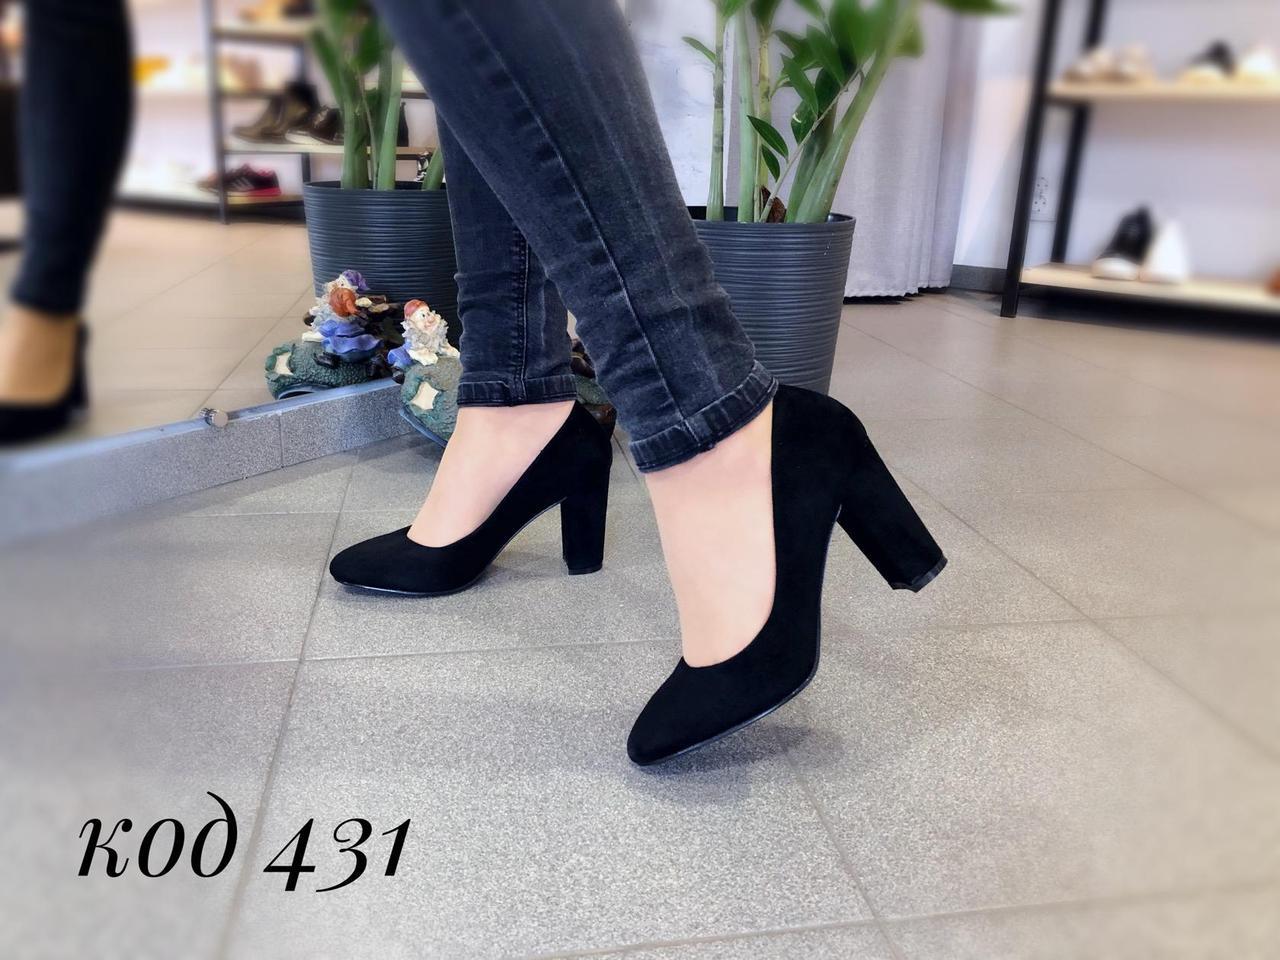 6d0a4c4e9 Туфли женские черные на каблуке стильные - Магазин